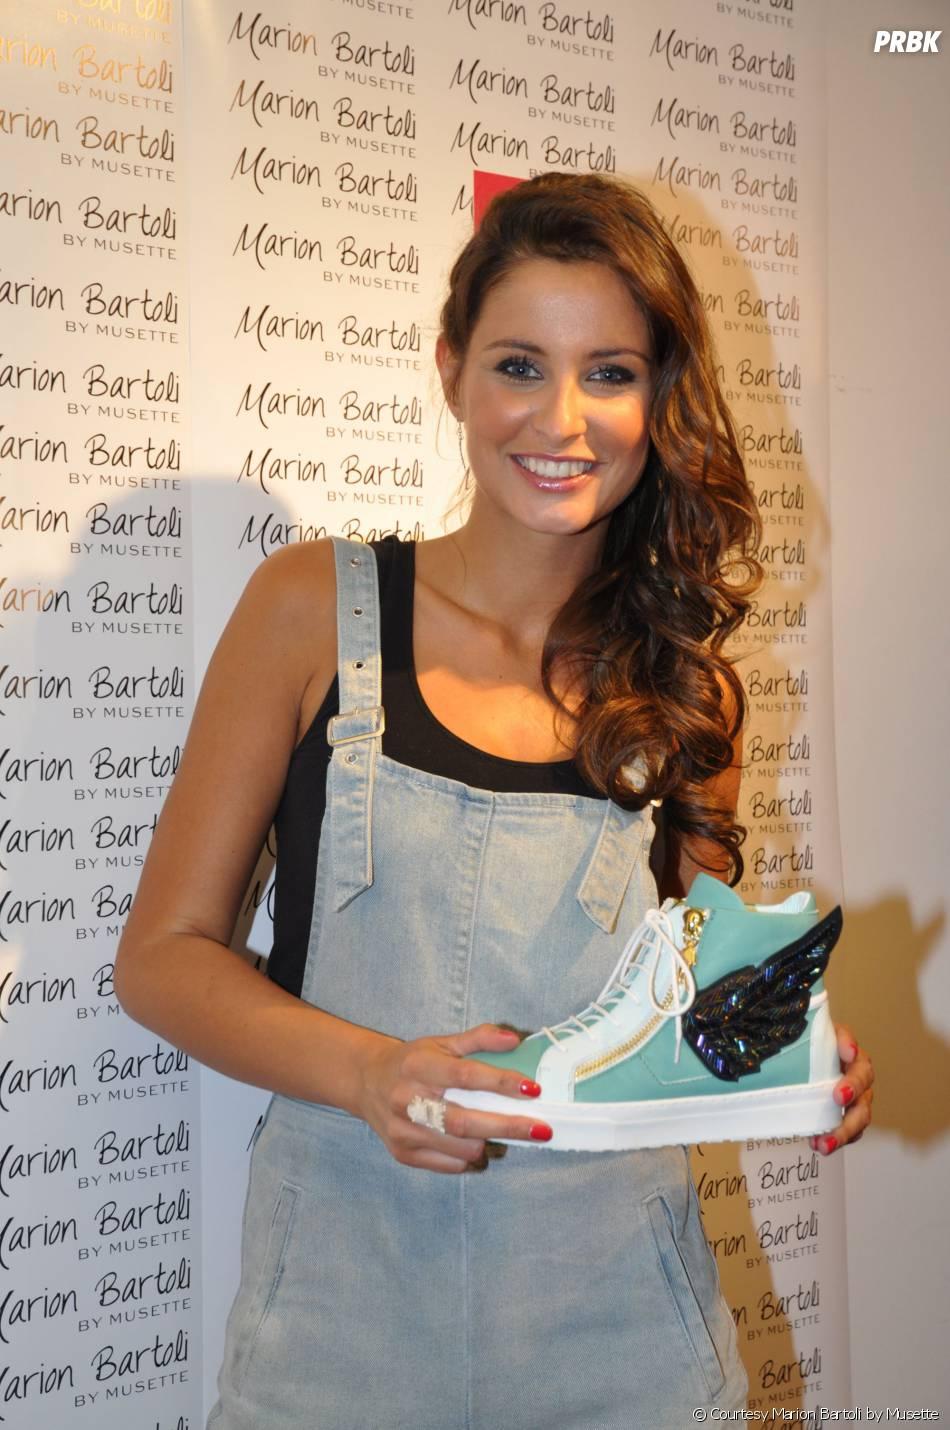 Malika Ménard à la soirée de lancement des sneakers Marion Bartoli by Musette, le 2 juin 2014 à Paris